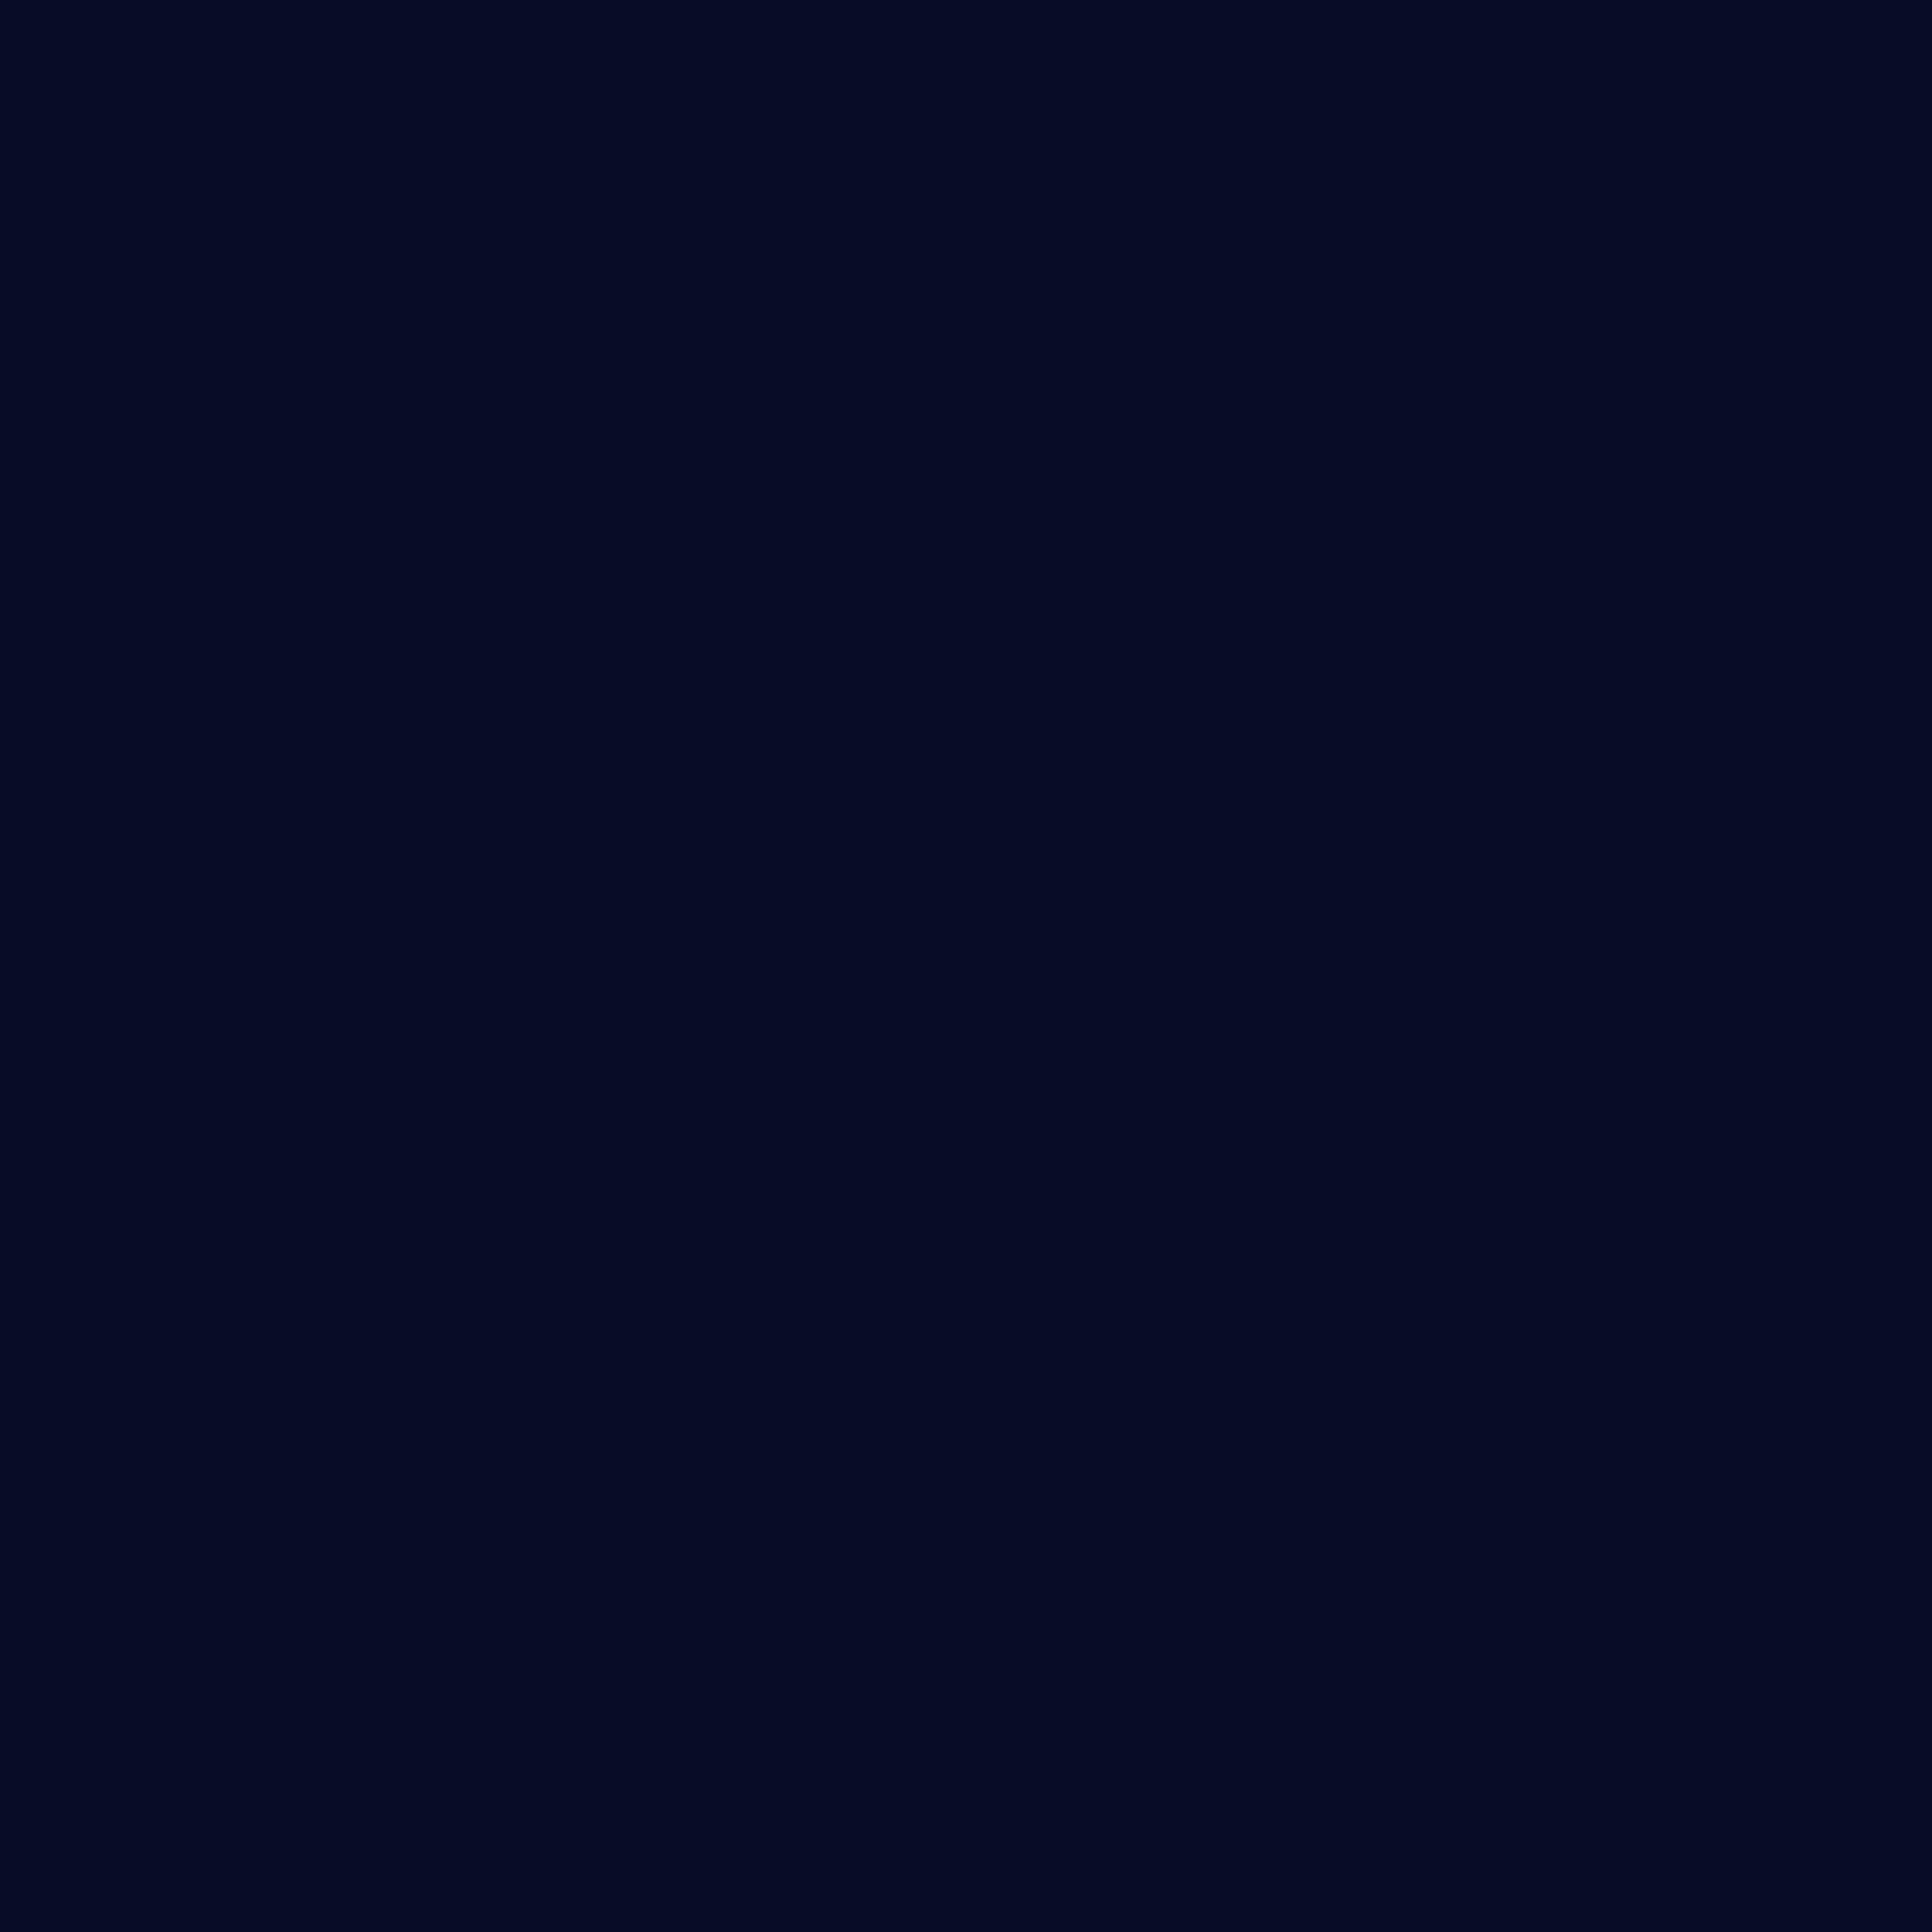 Blau-bunt